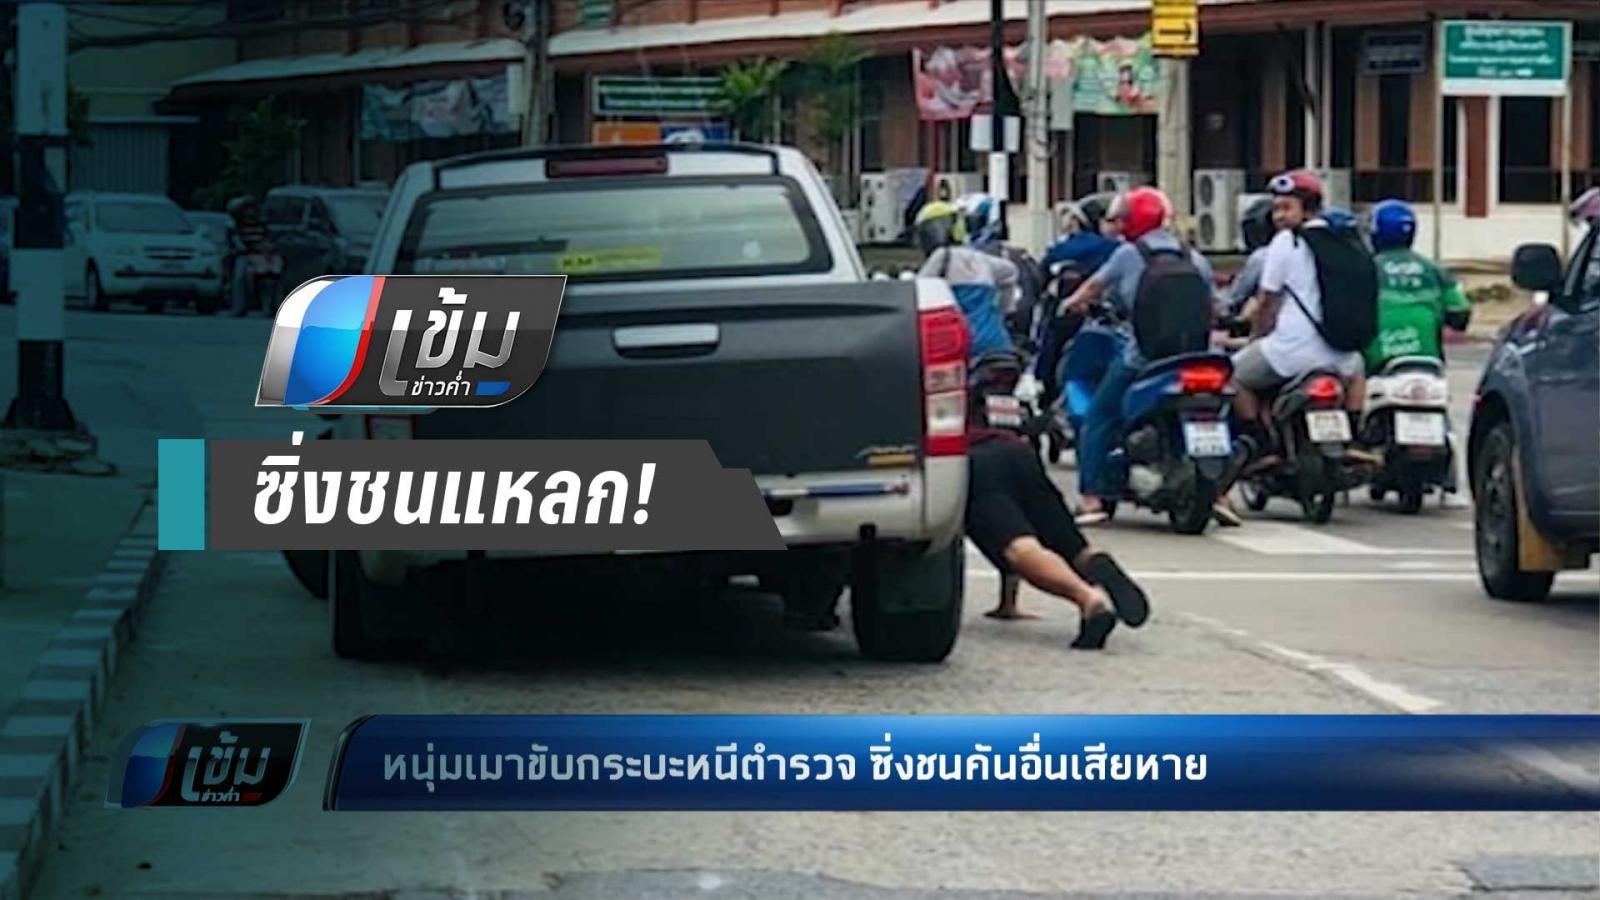 หนุ่มเมาแอ๋ ซิ่งกระบะหนีตำรวจ ชนรวด 5 คัน เจ็บ 1